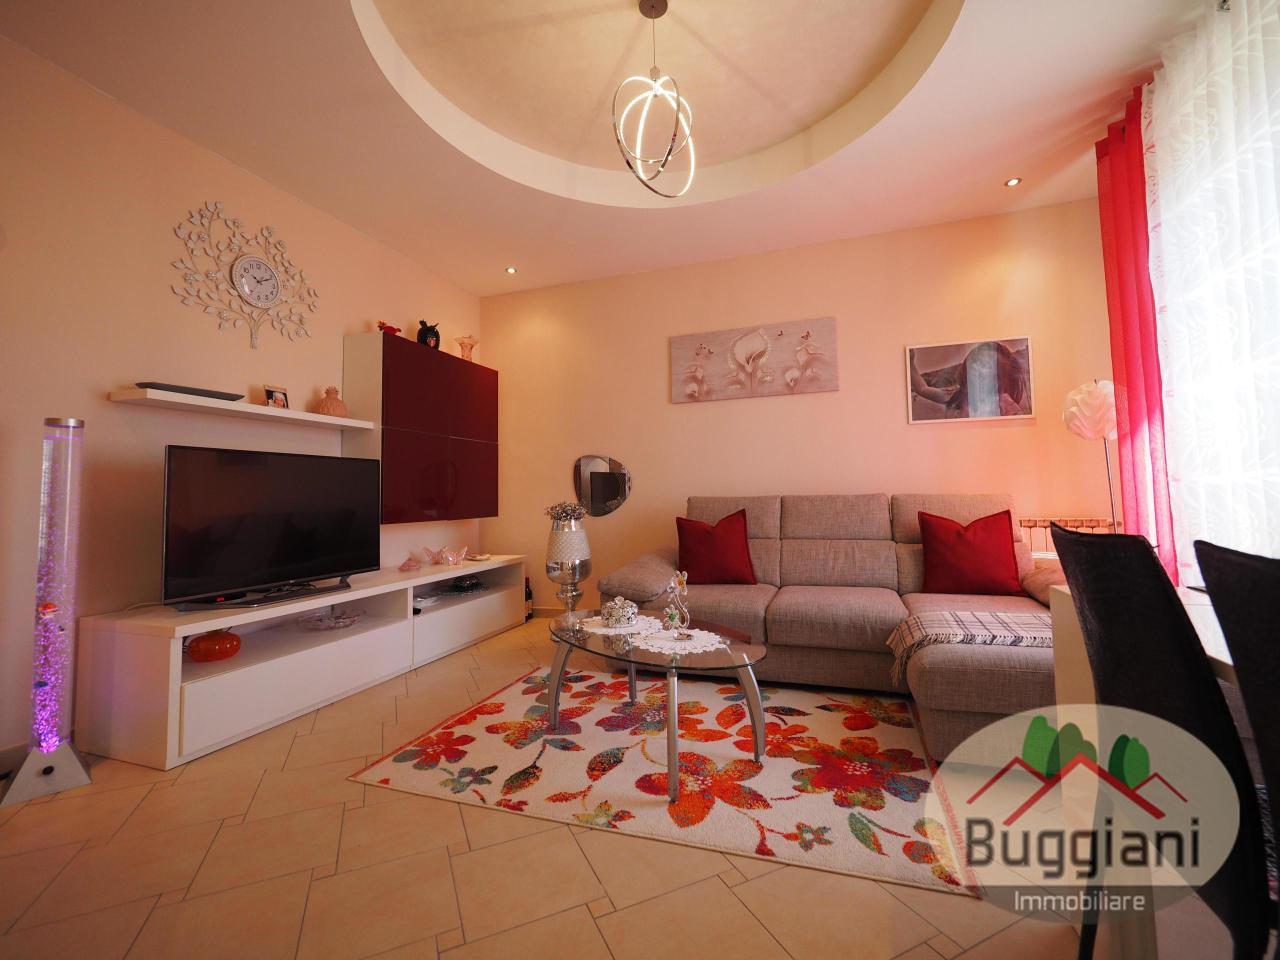 Appartamento in vendita RIF. 2383, Santa Croce sull'Arno (PI)